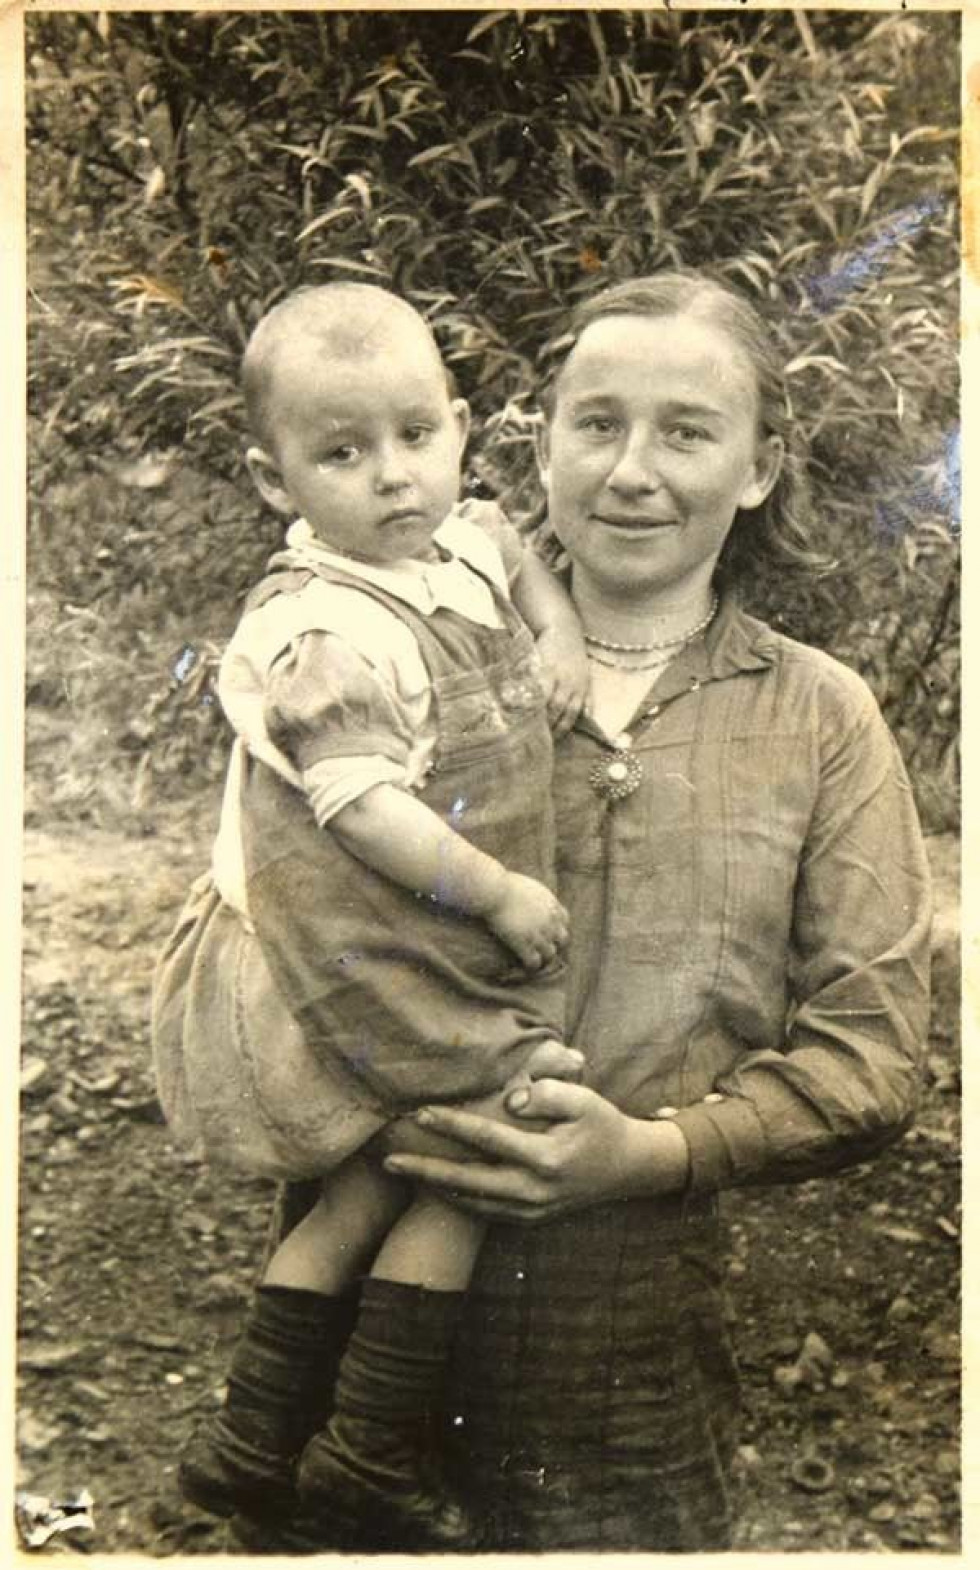 Дворічна дівчинка з мамою Тетяною Черняк в Магдебурзі у 1944-му